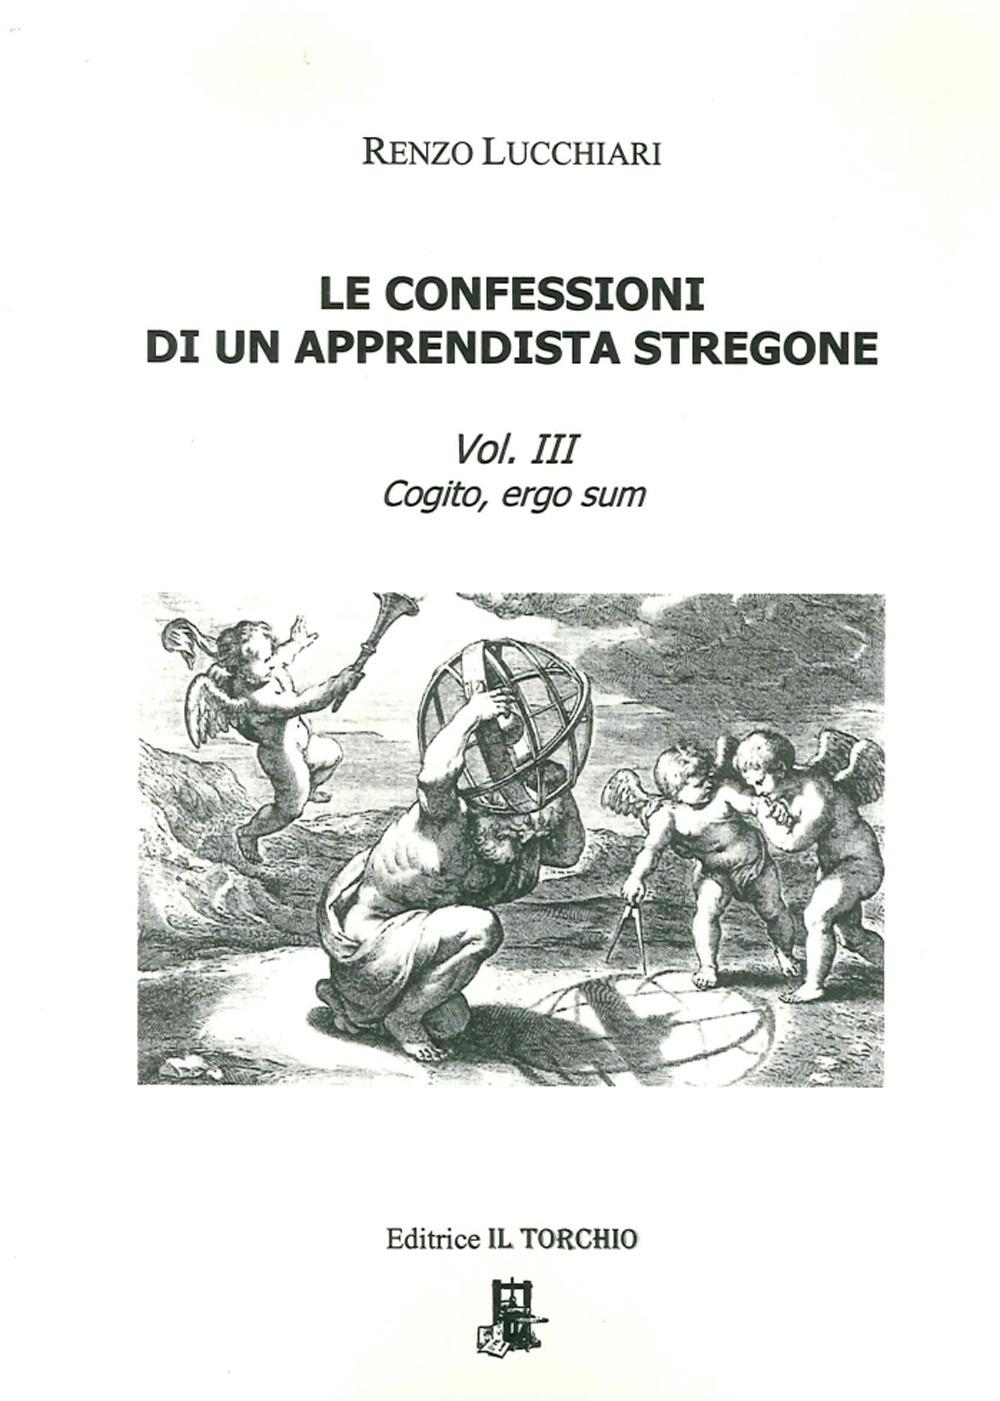 Le confessioni di un apprendista stregone. Vol. 3. cogito, ergo sum